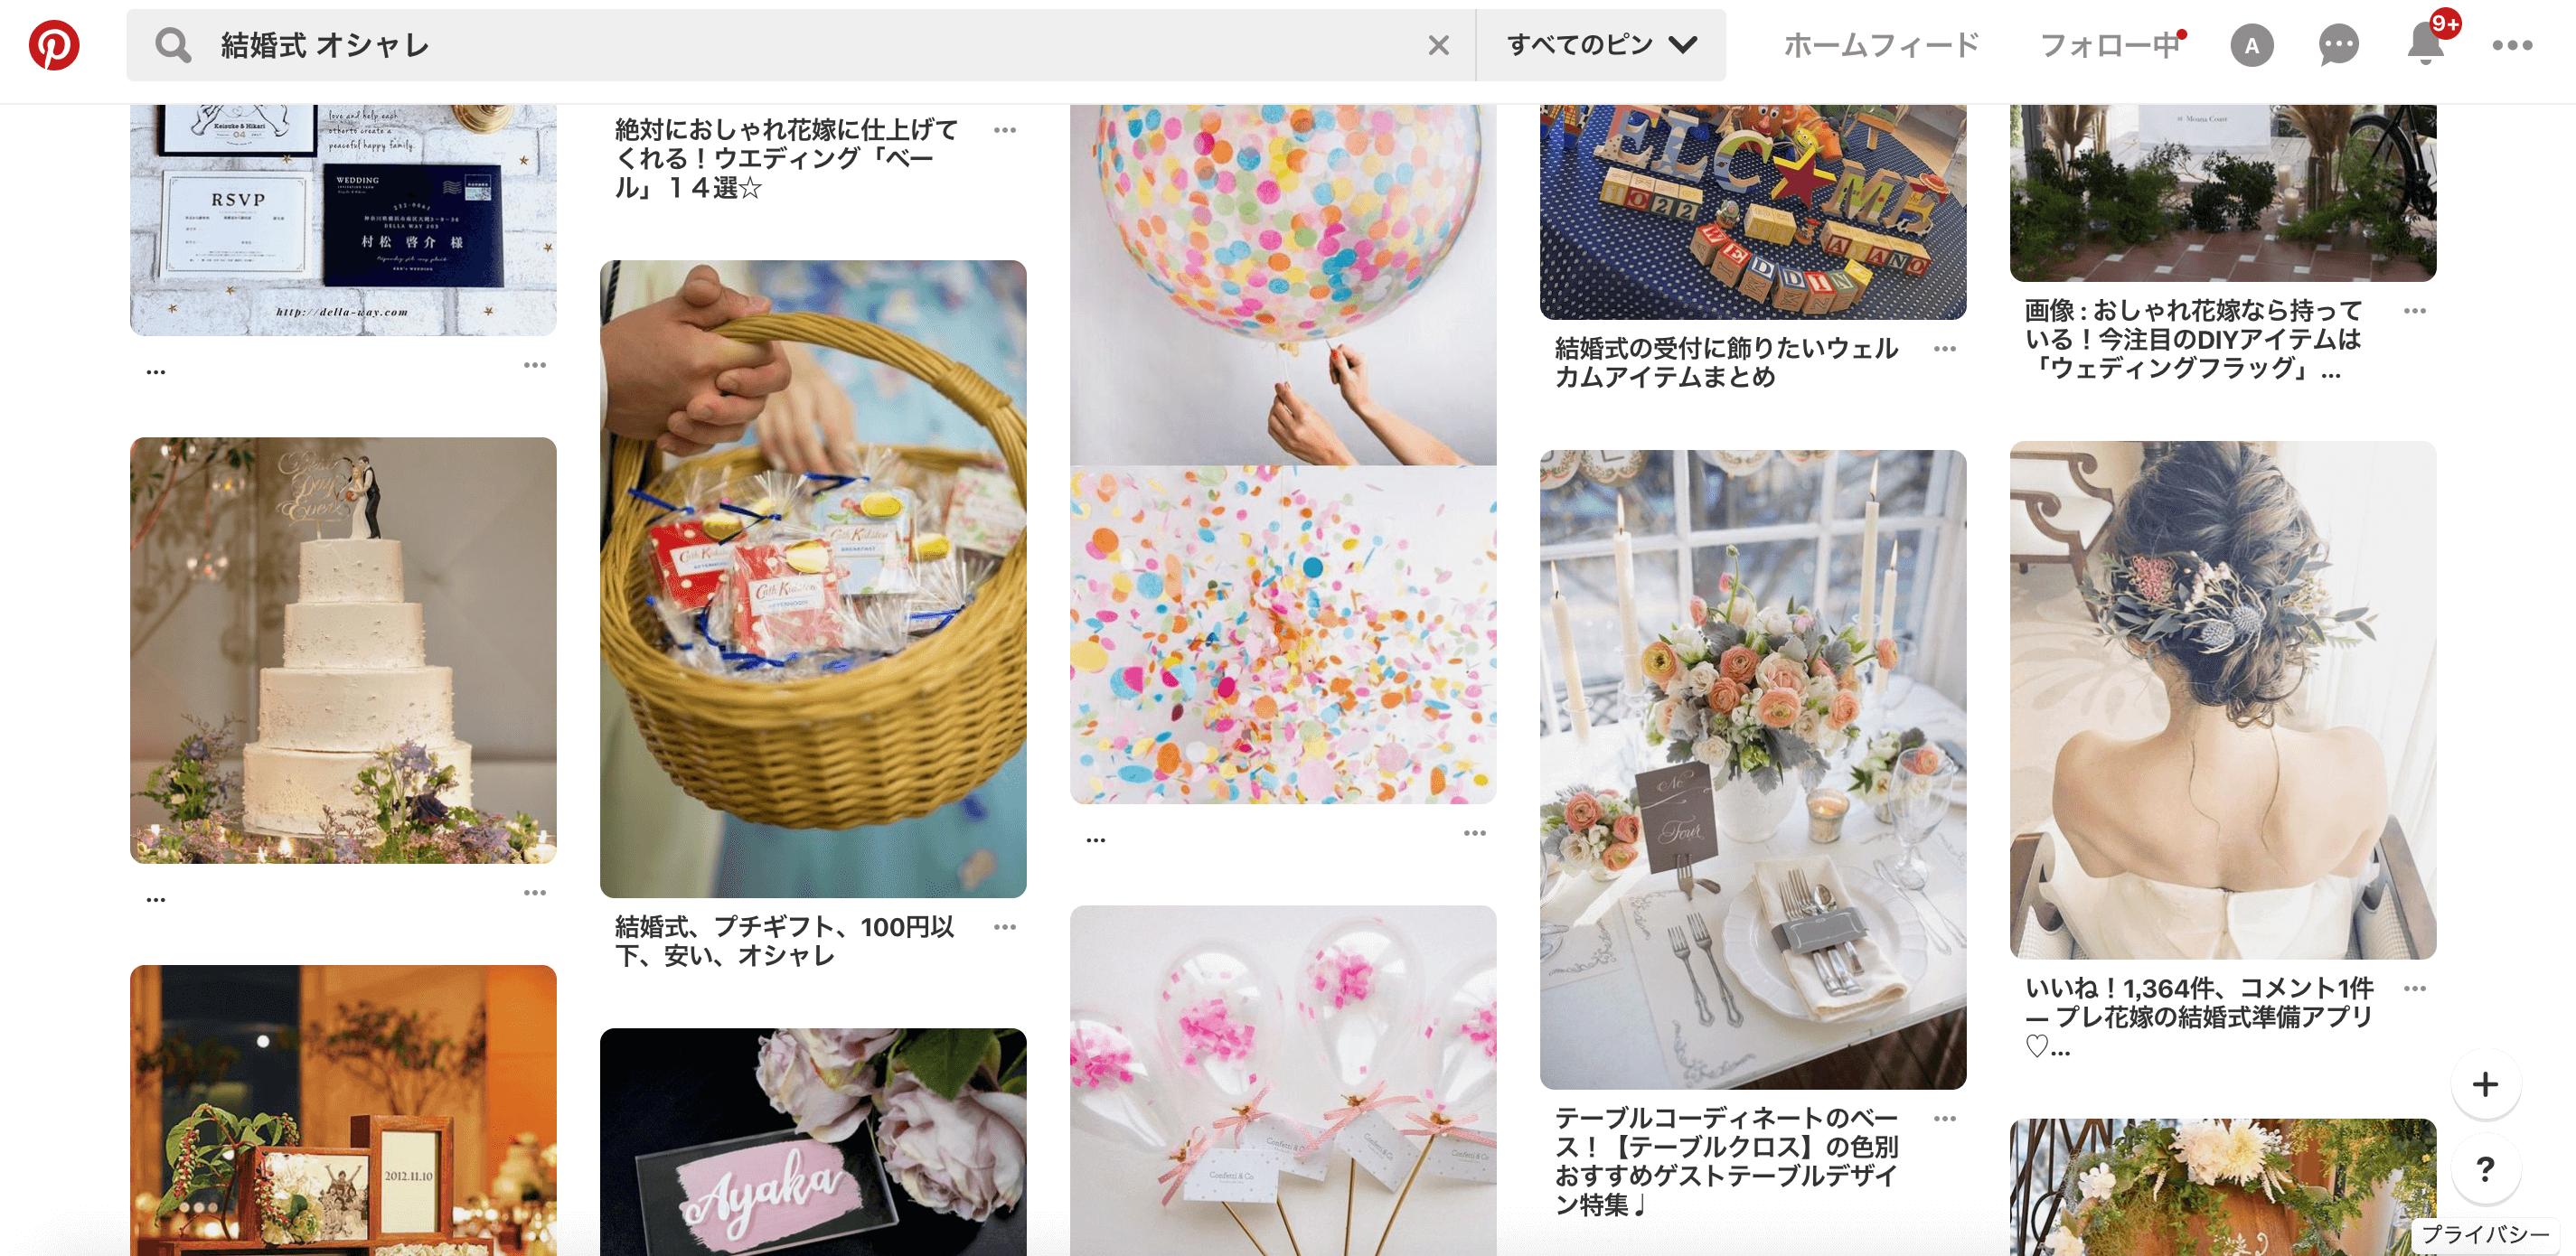 Pinterestの「結婚式 オシャレ」の検索画面